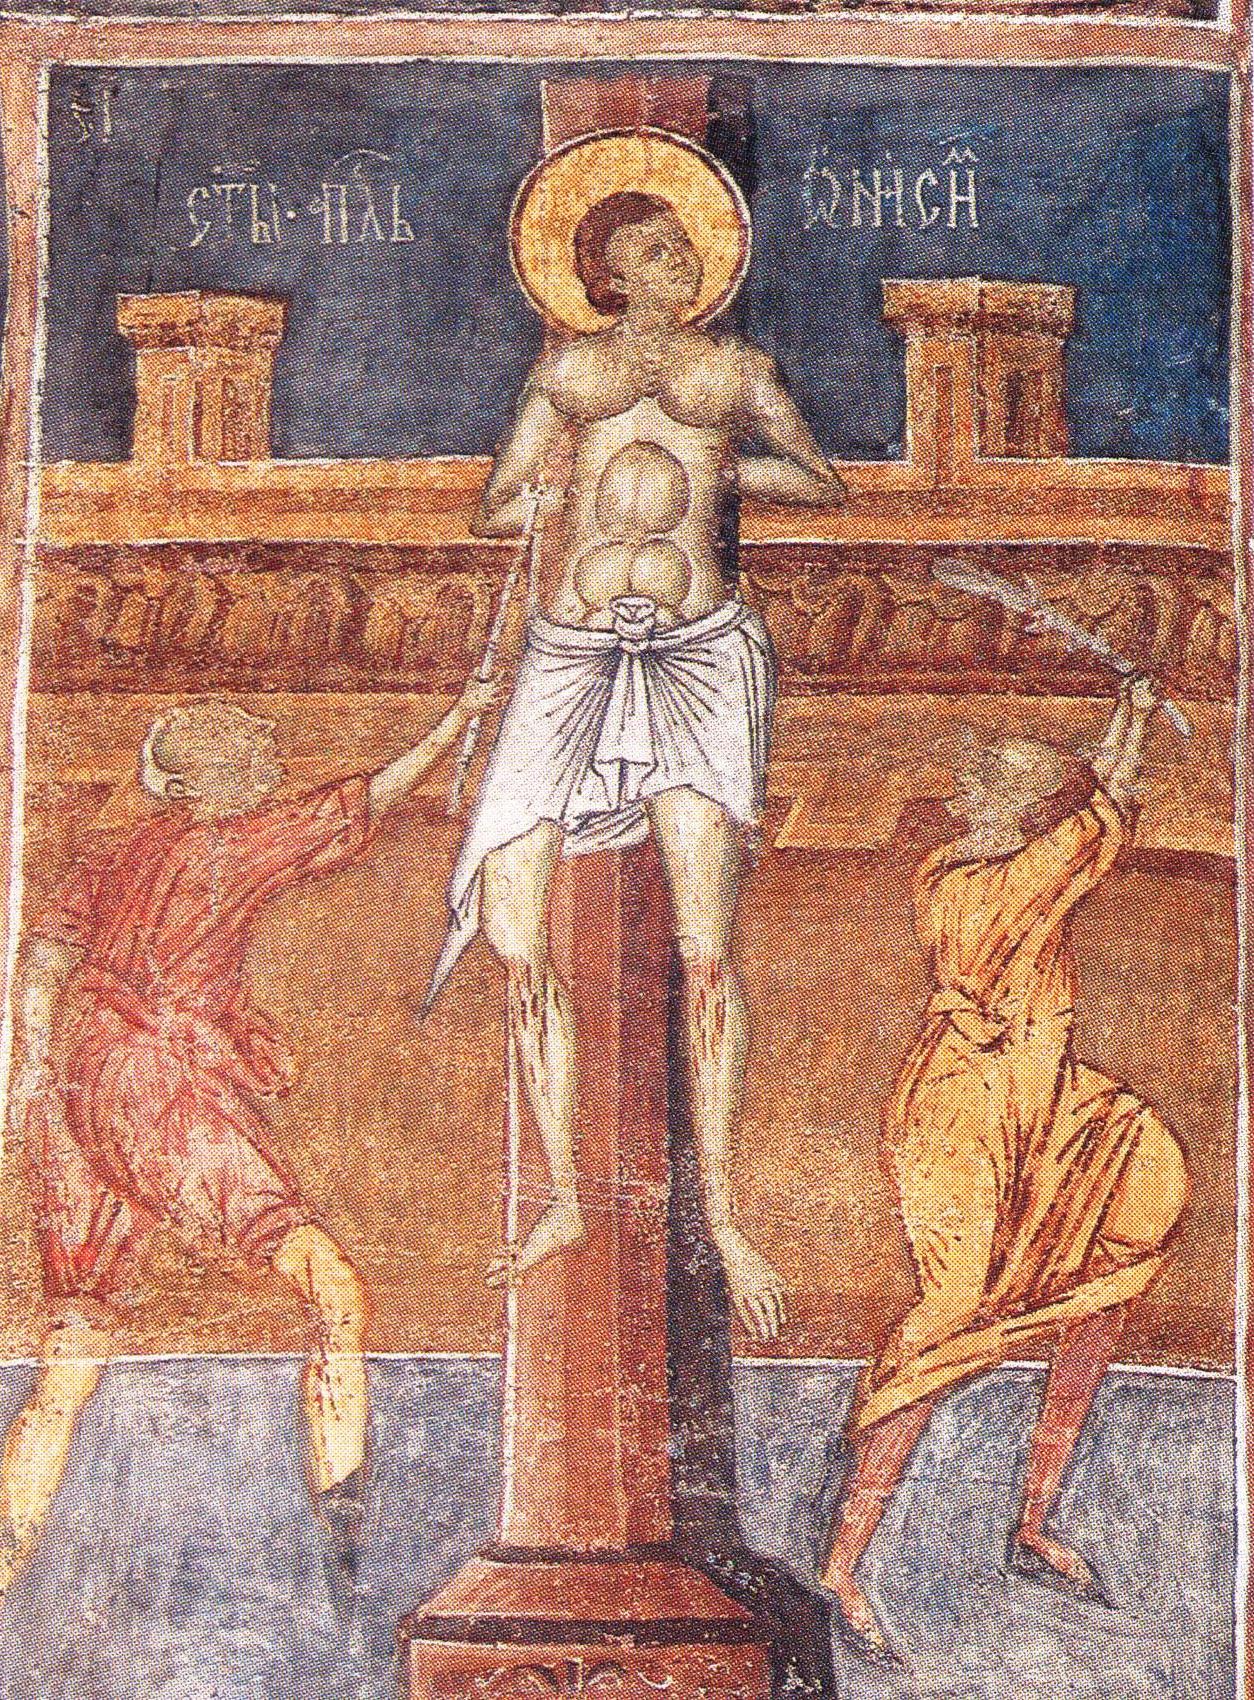 Το μαρτύριο του αγίου Ιωάννου του Νέου. Τοιχογραφία στο καθολικό της Μονής Αγίου Γεωργίου Σουτσεάβα.